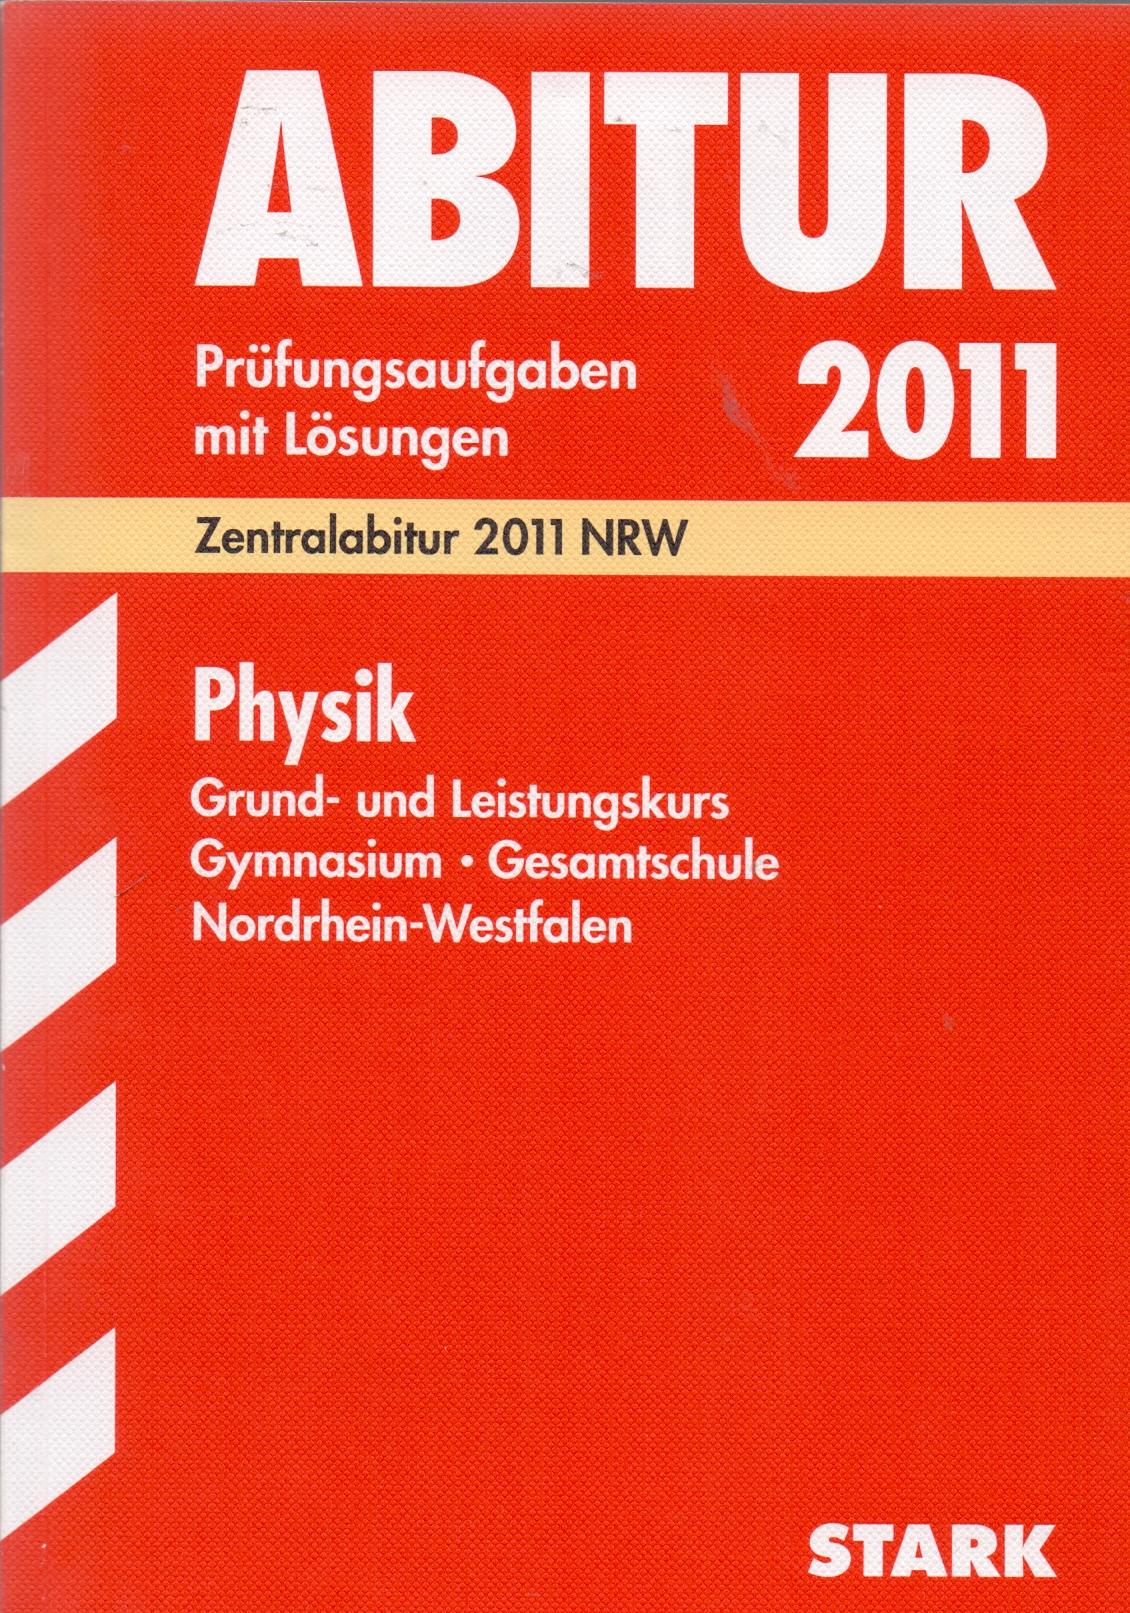 Abitur 2011 Nordrhein-Westfalen: Physik - Grund- und Leistungskurs für Gymnasium und Gesamtschule - Prüfungsaufgaben mit Lösungen [Taschenbuch, 5. Auflage 2010]